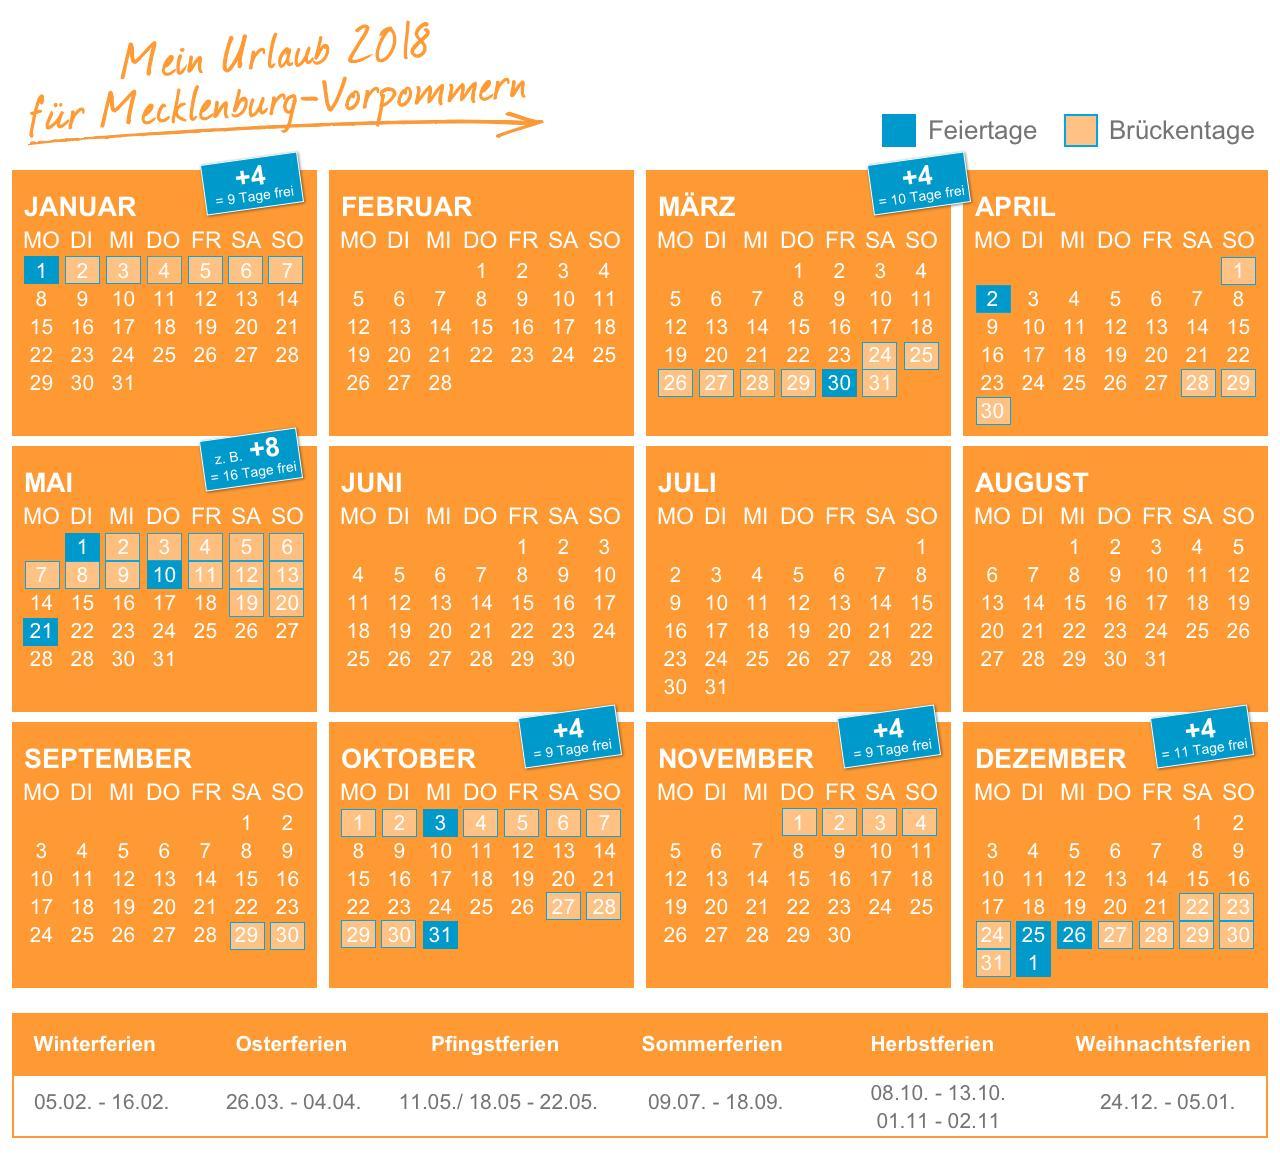 urlaubsplaner-brueckentagsplaner-ferien-feiertage-Mecklenburg-Vorpommern